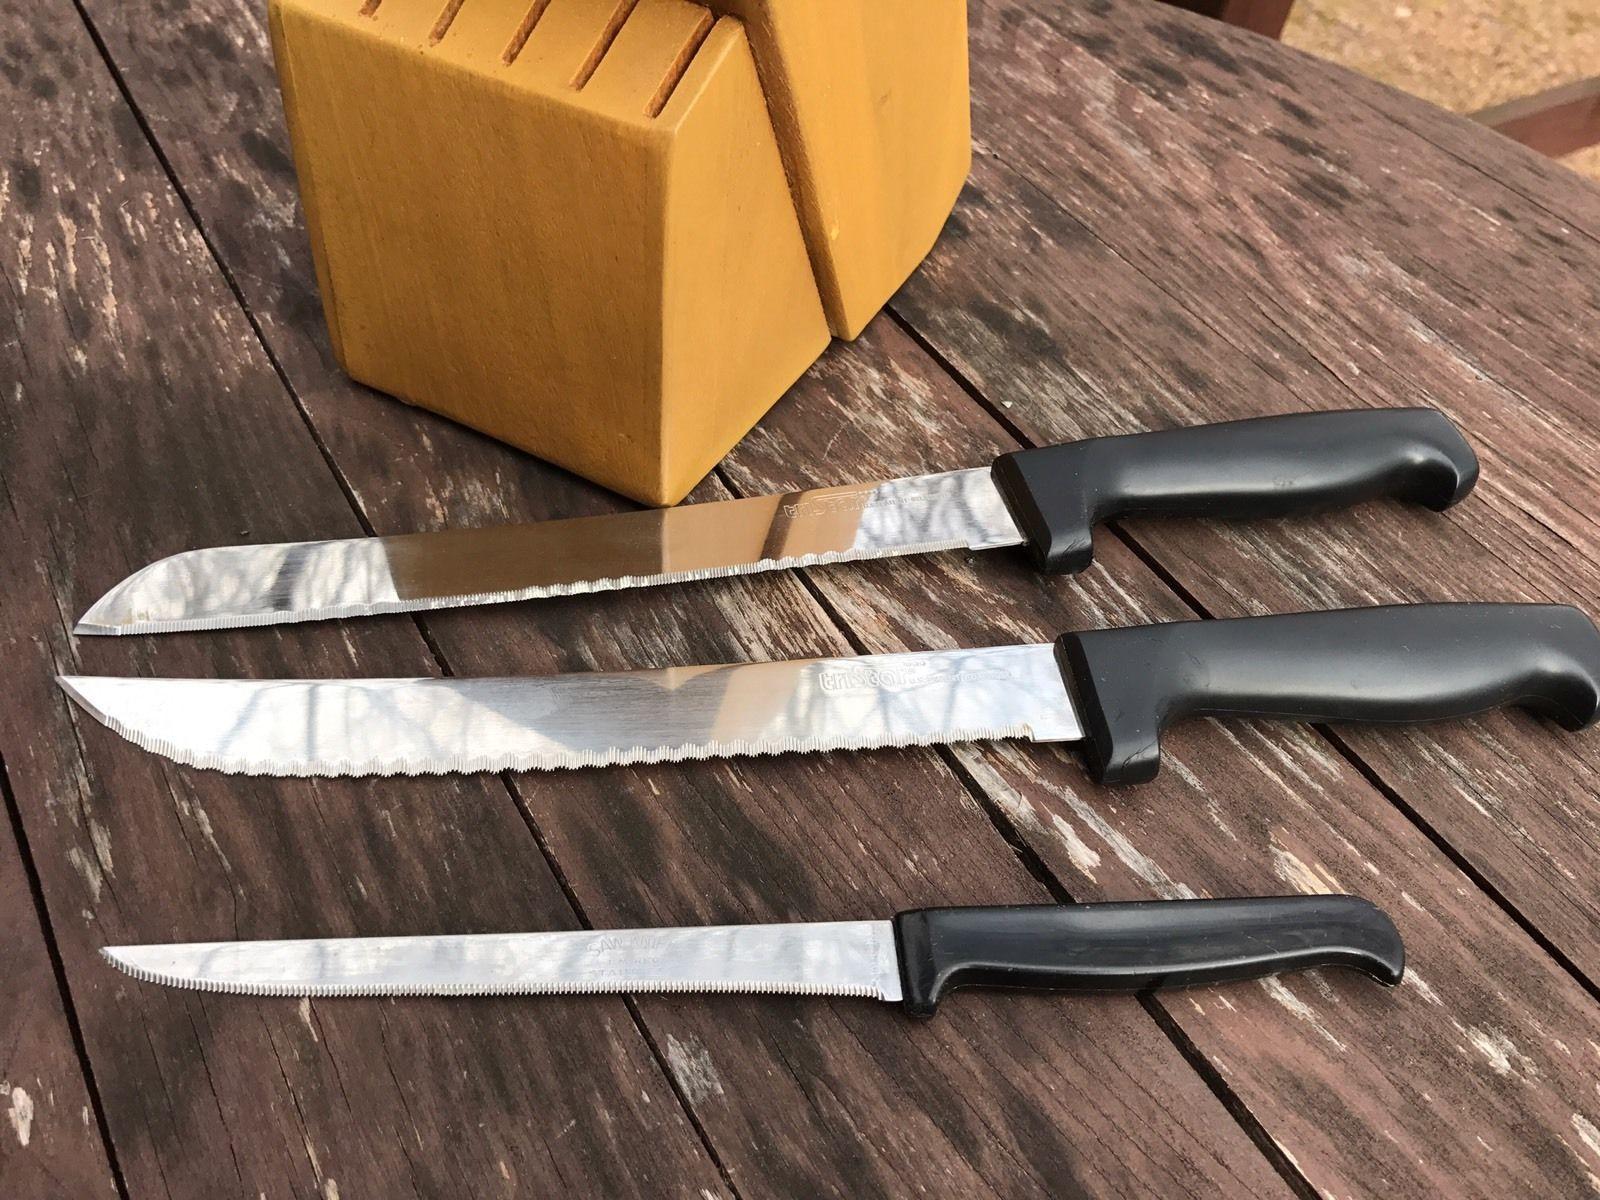 Vtg Solid Wood Knife Block Holder 14 Slot 2 Tri Star Knives 1 Saw-Knife Cutlery!